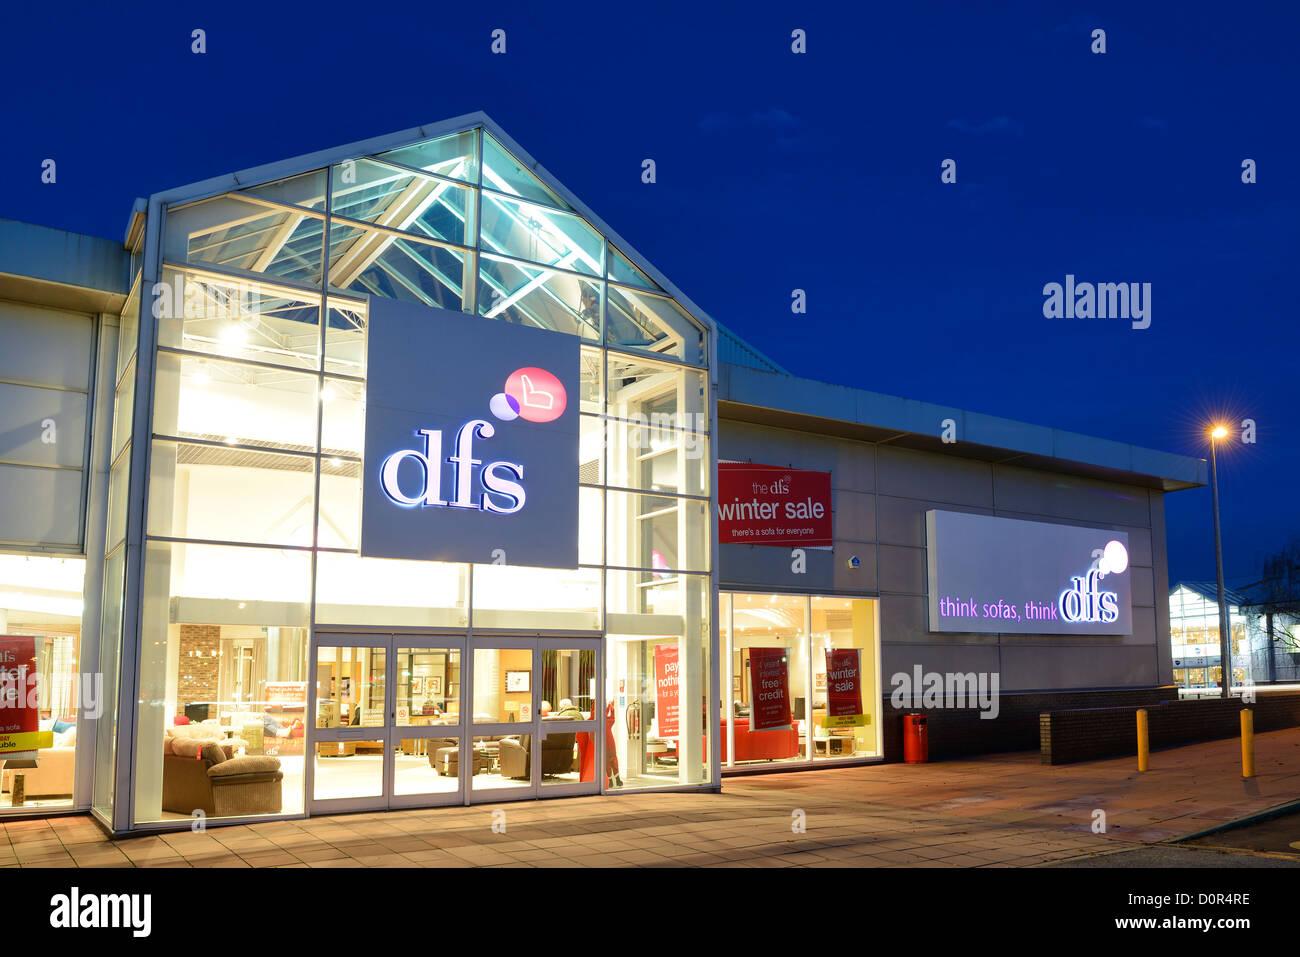 DFS retail unit shop entrance - Stock Image